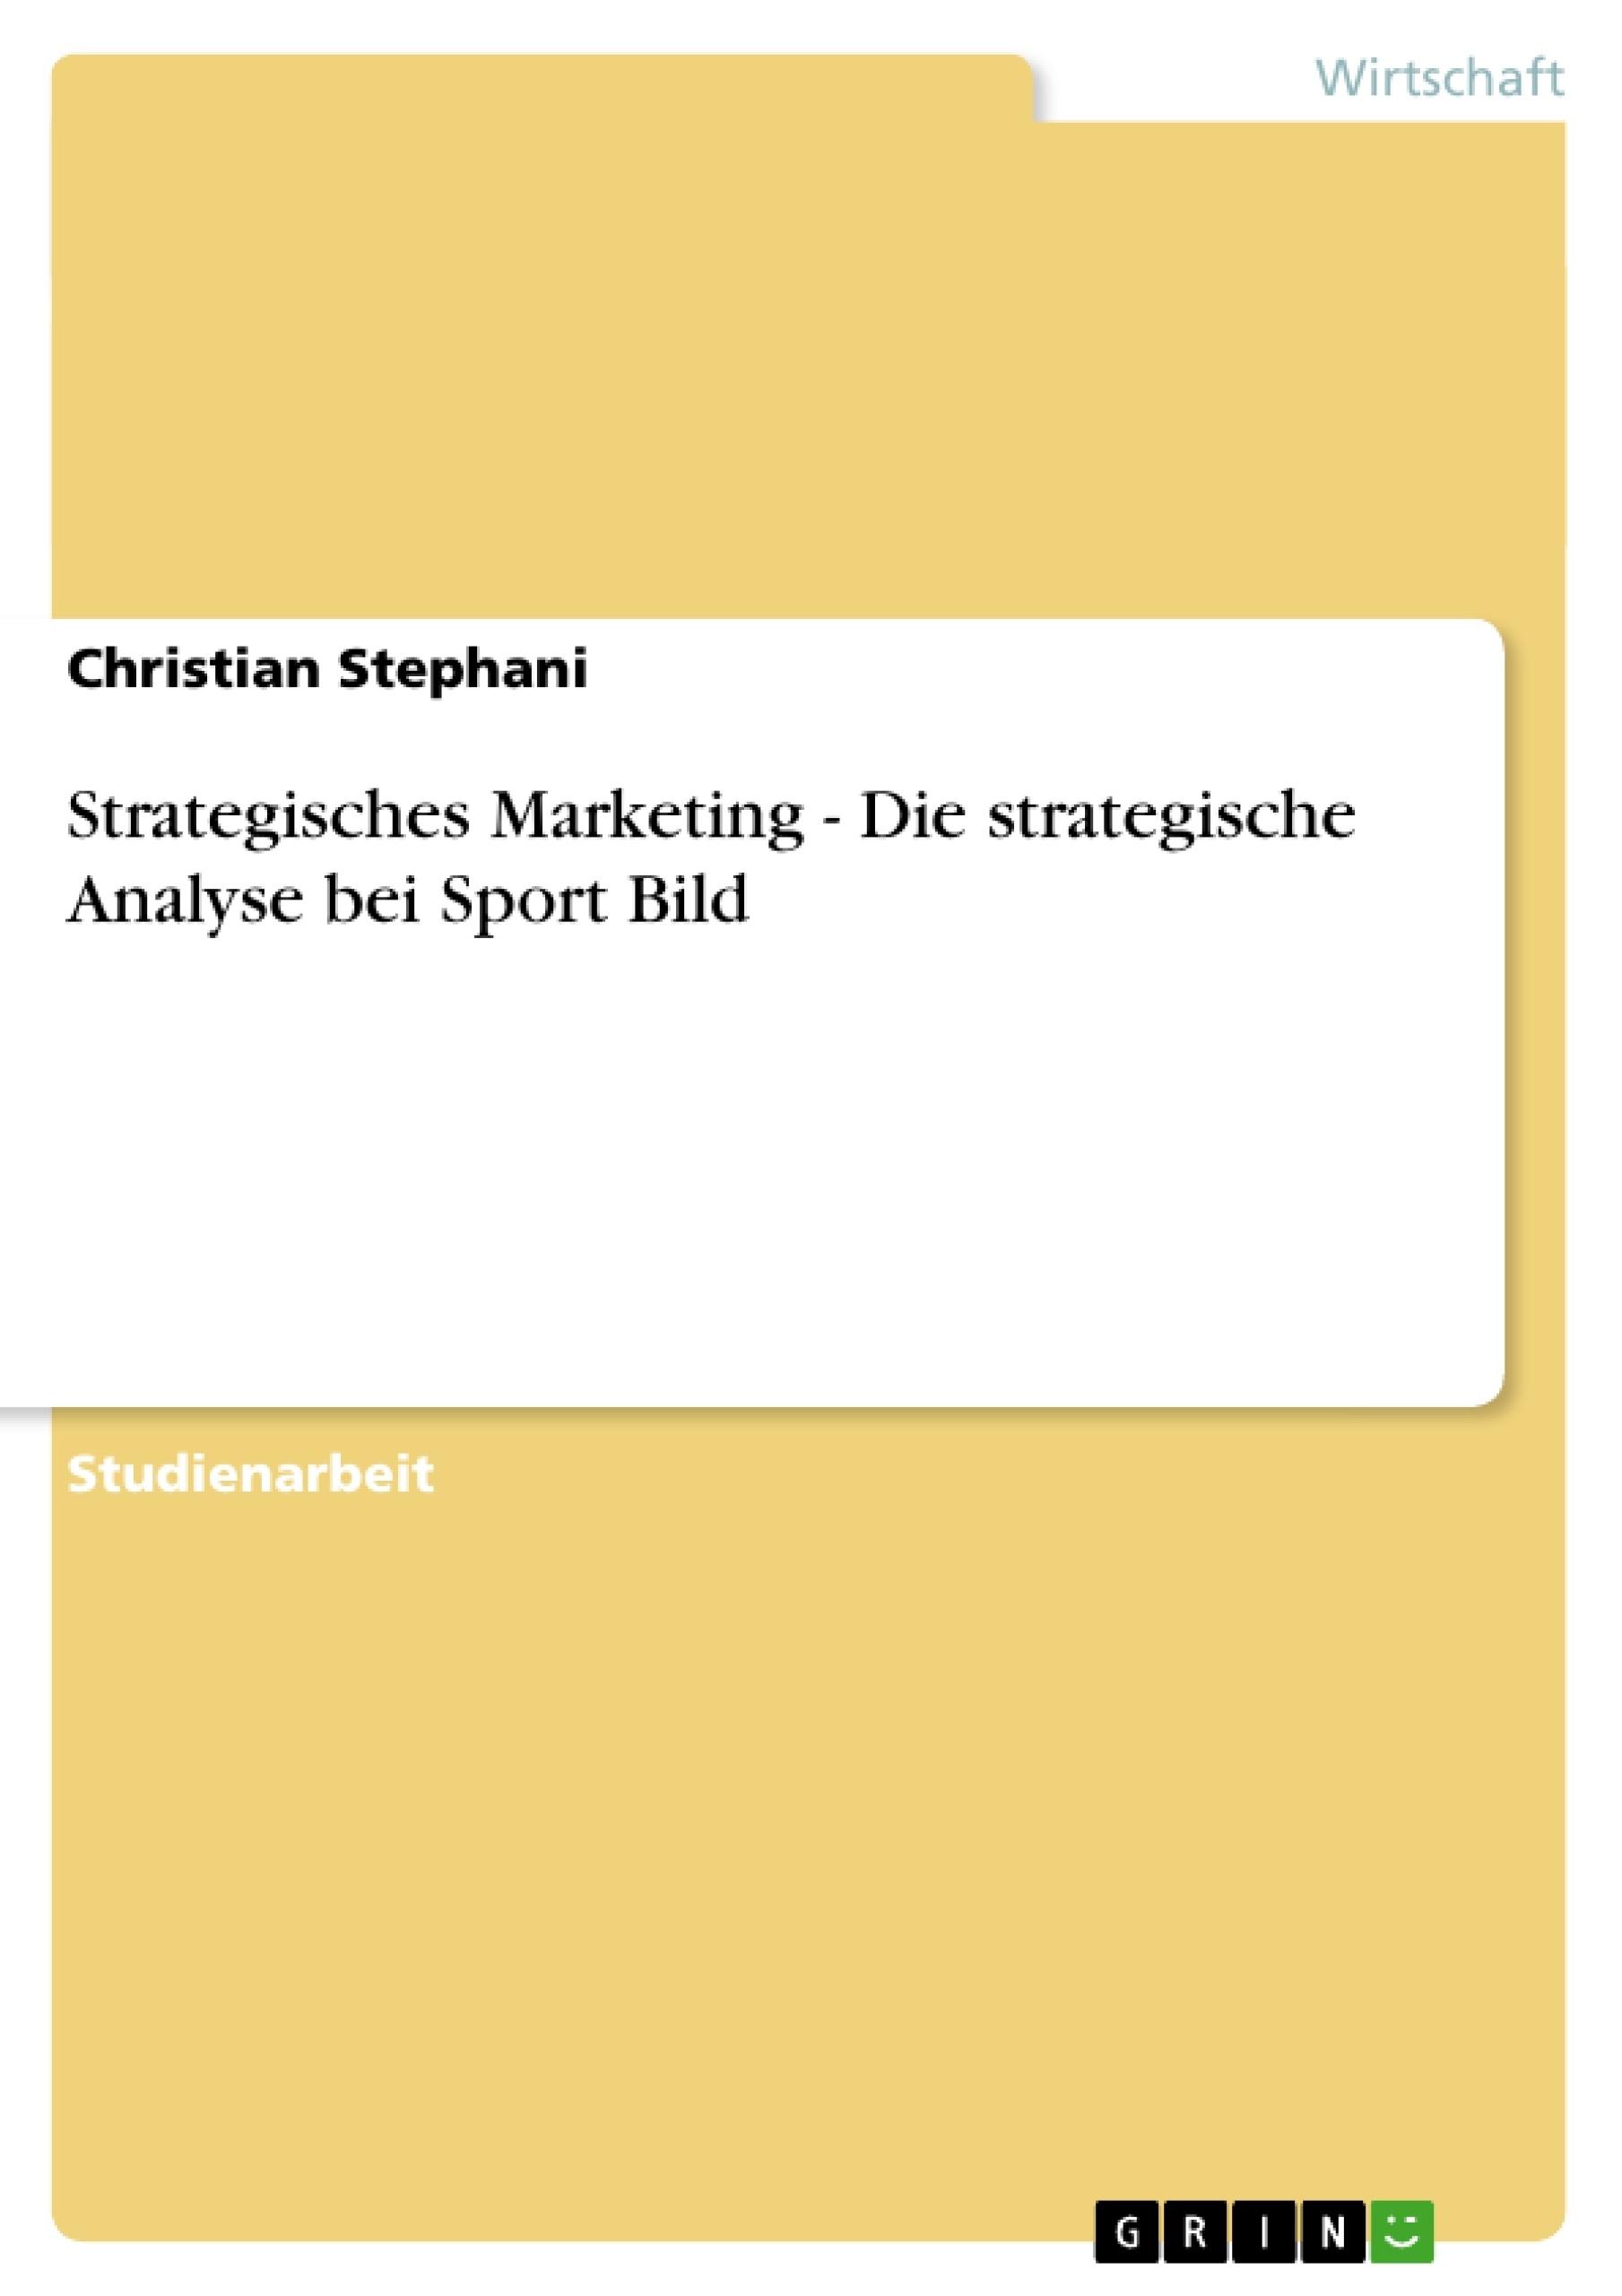 Titel: Strategisches Marketing - Die strategische Analyse bei Sport Bild